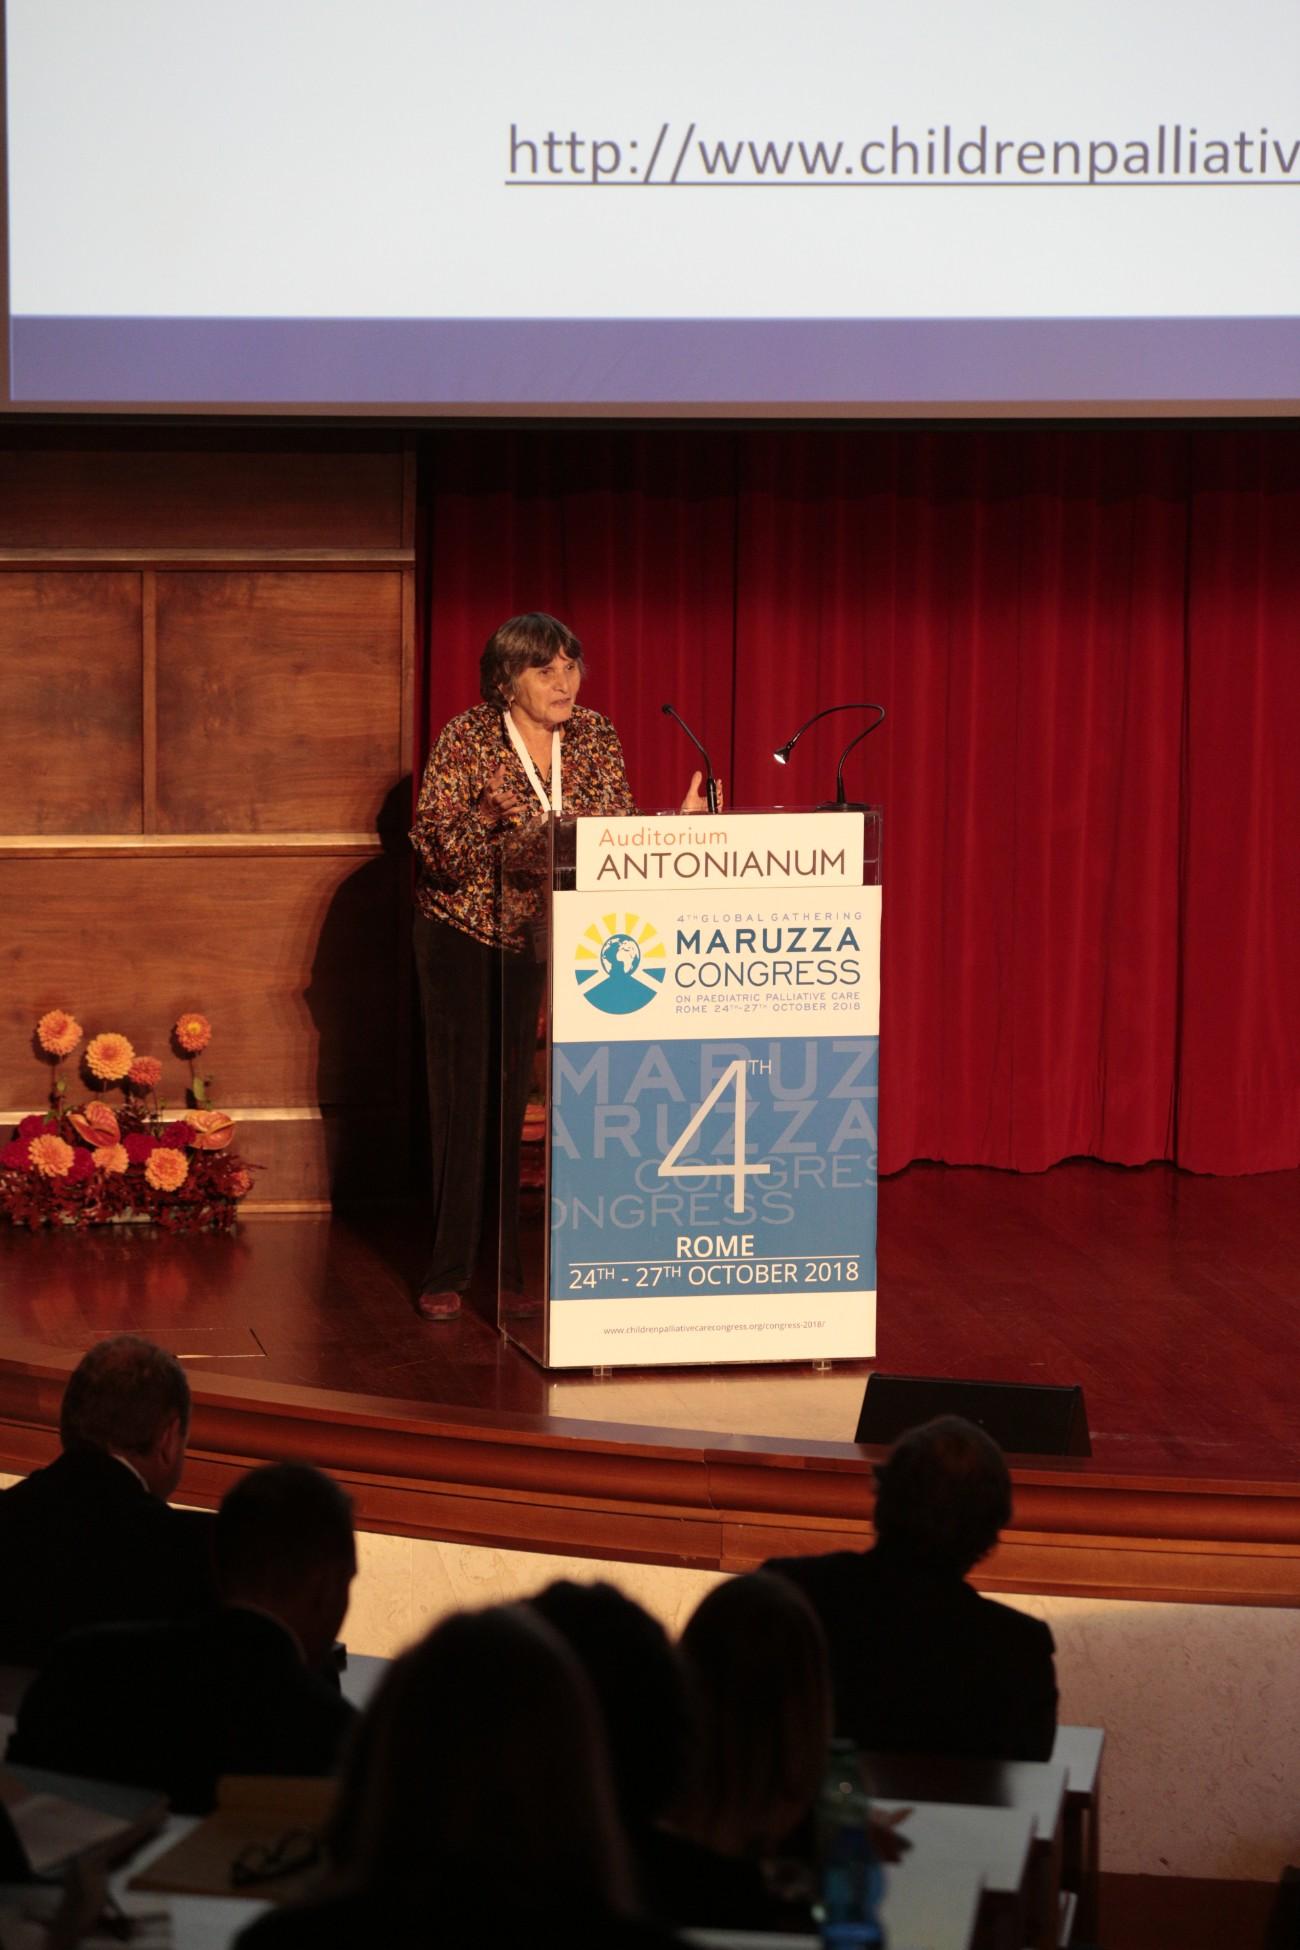 _Auditorium(Ann Goldman) Hononary President